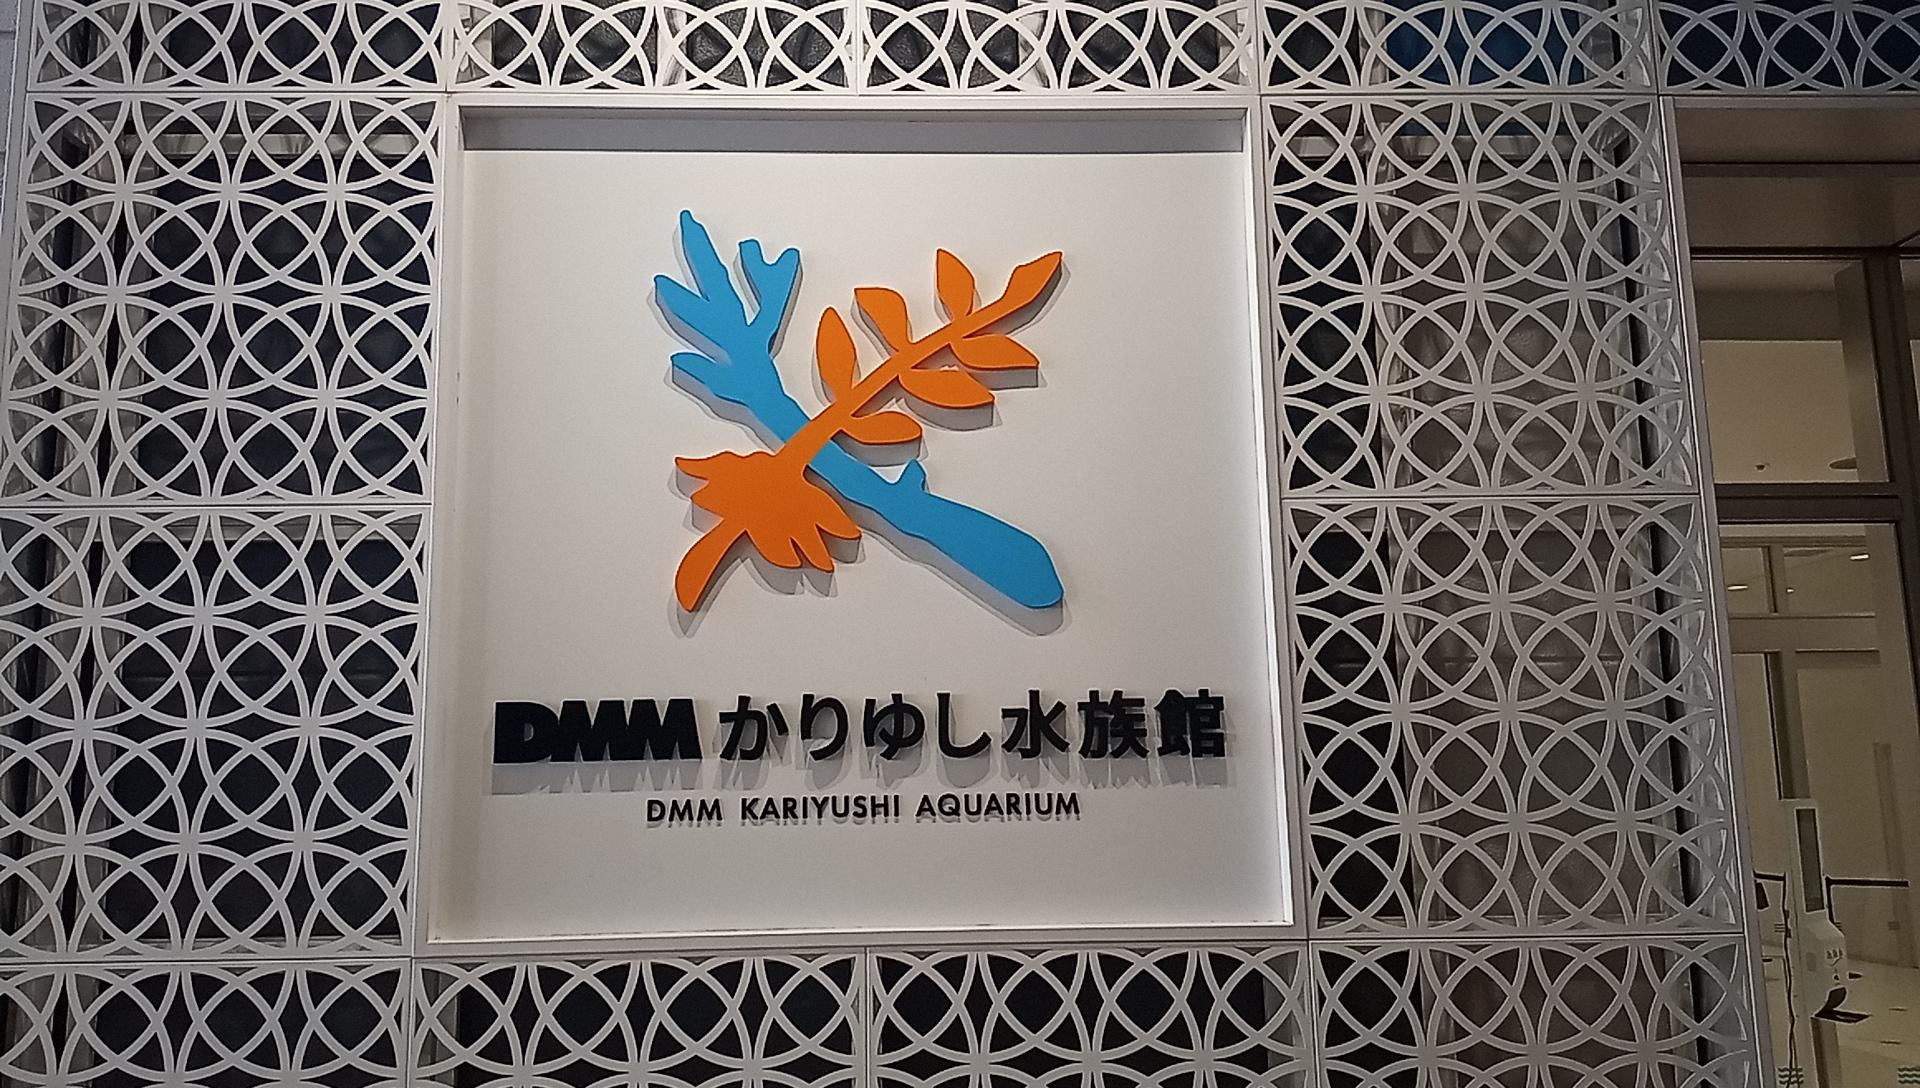 DMMかりゆし水族館に行ってきました! 画像と動画付きで紹介します